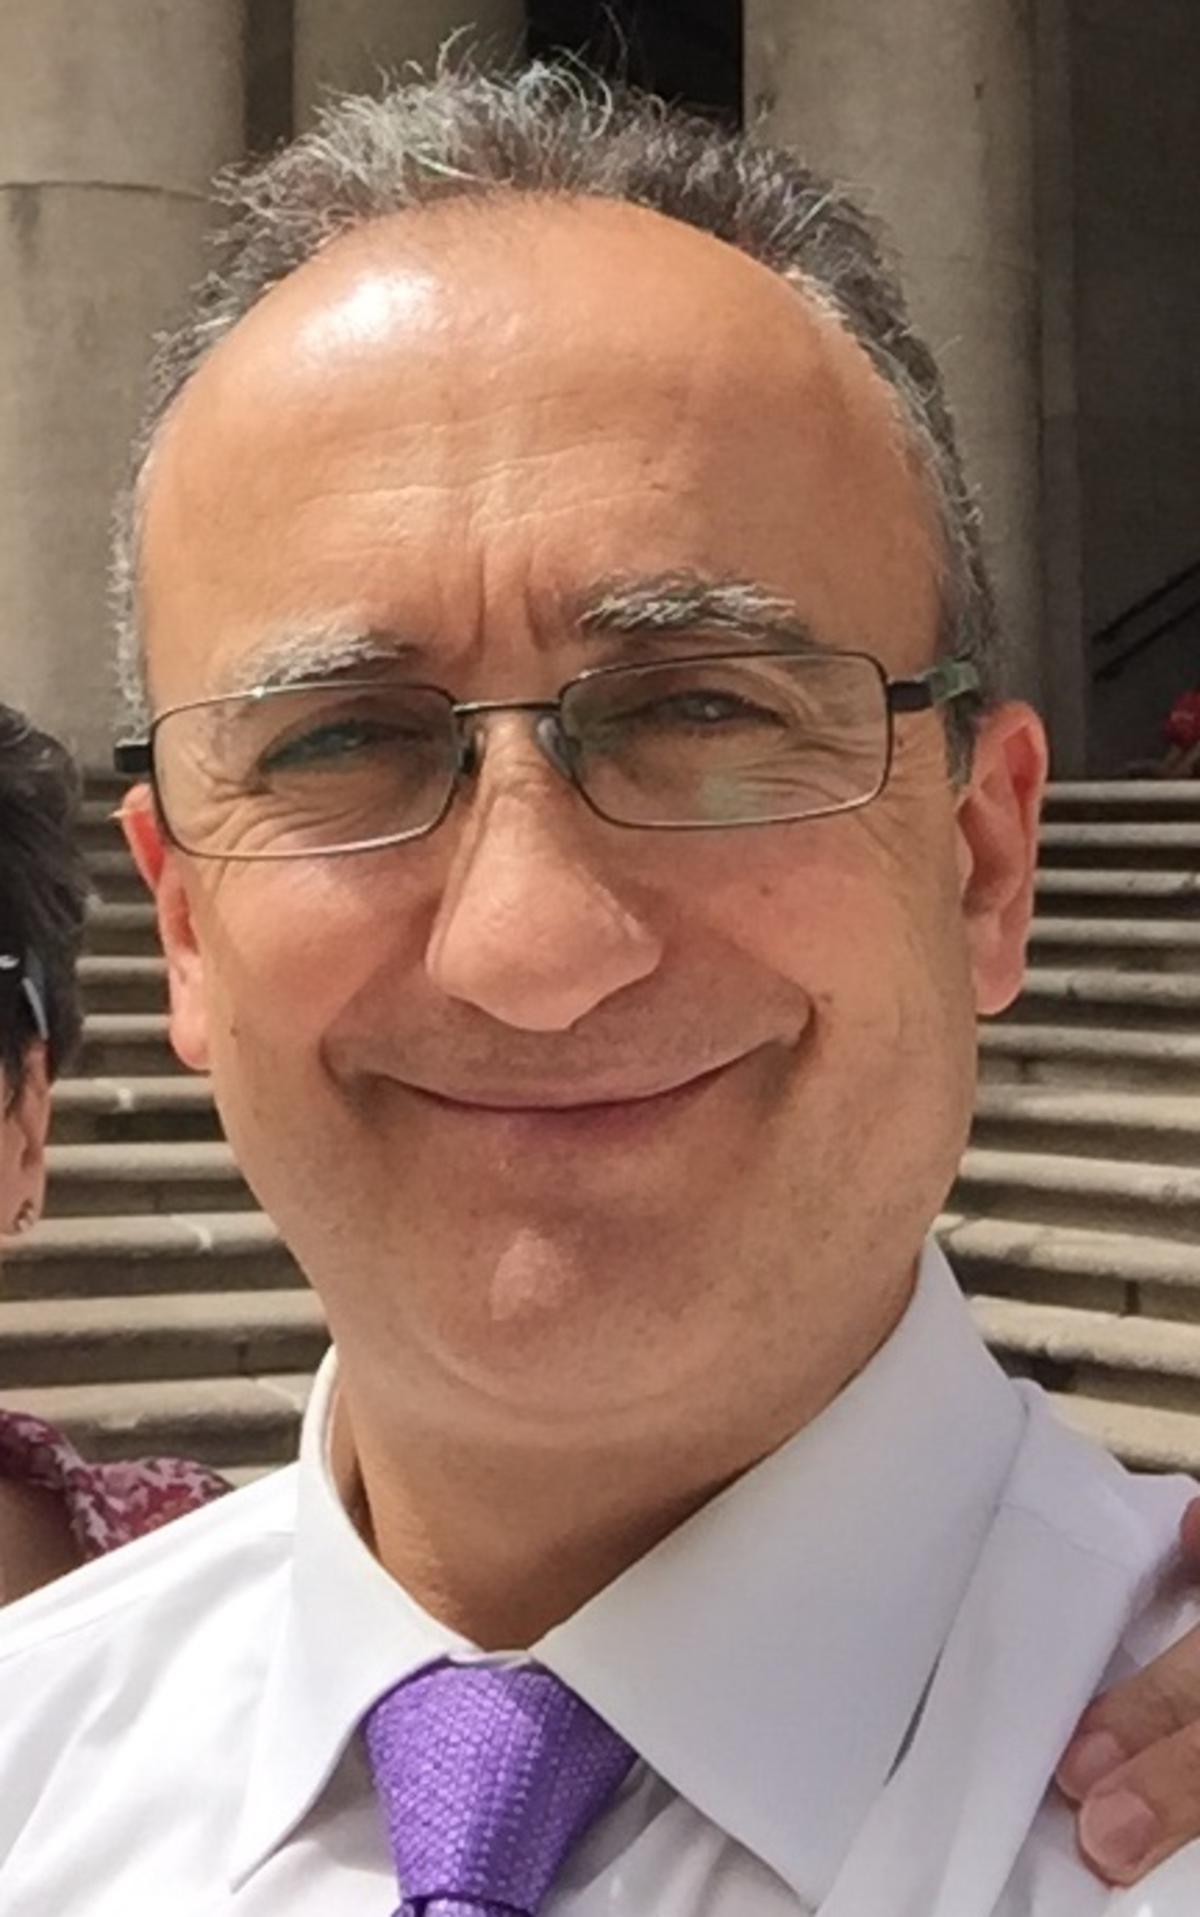 Francisco Javier Moldes este episcop în Spania